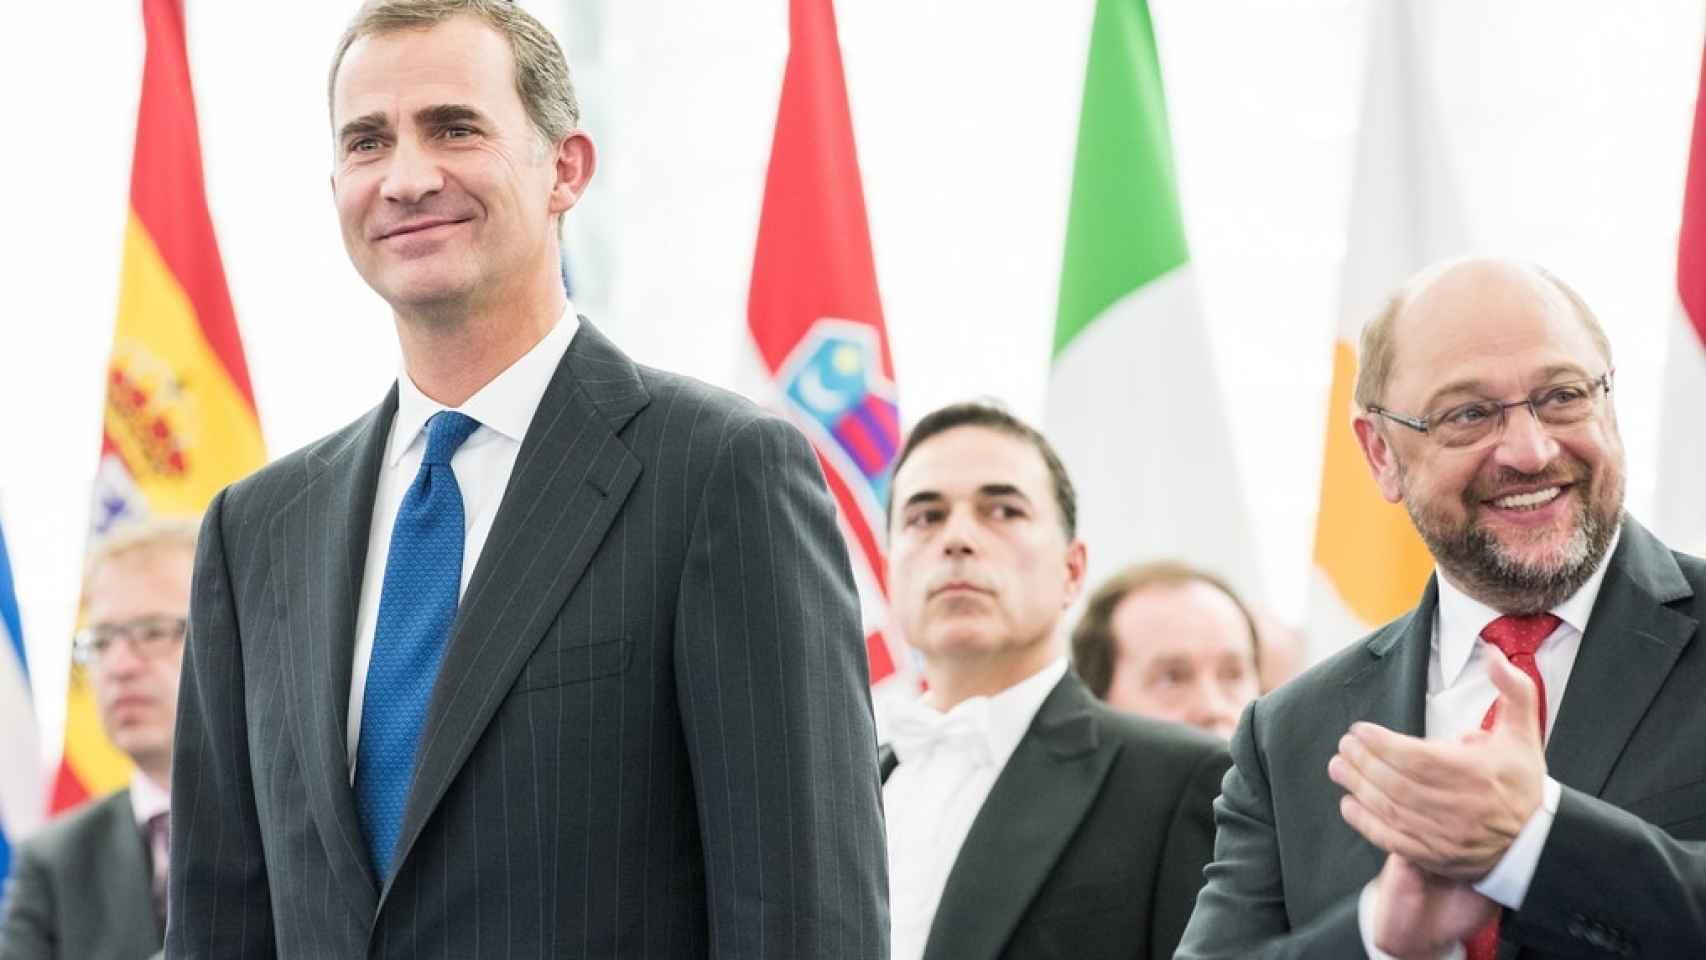 El Rey en su visita a Estrasburgo en 2015 junto al presidente de la Eurocámara, Martin Schulz.